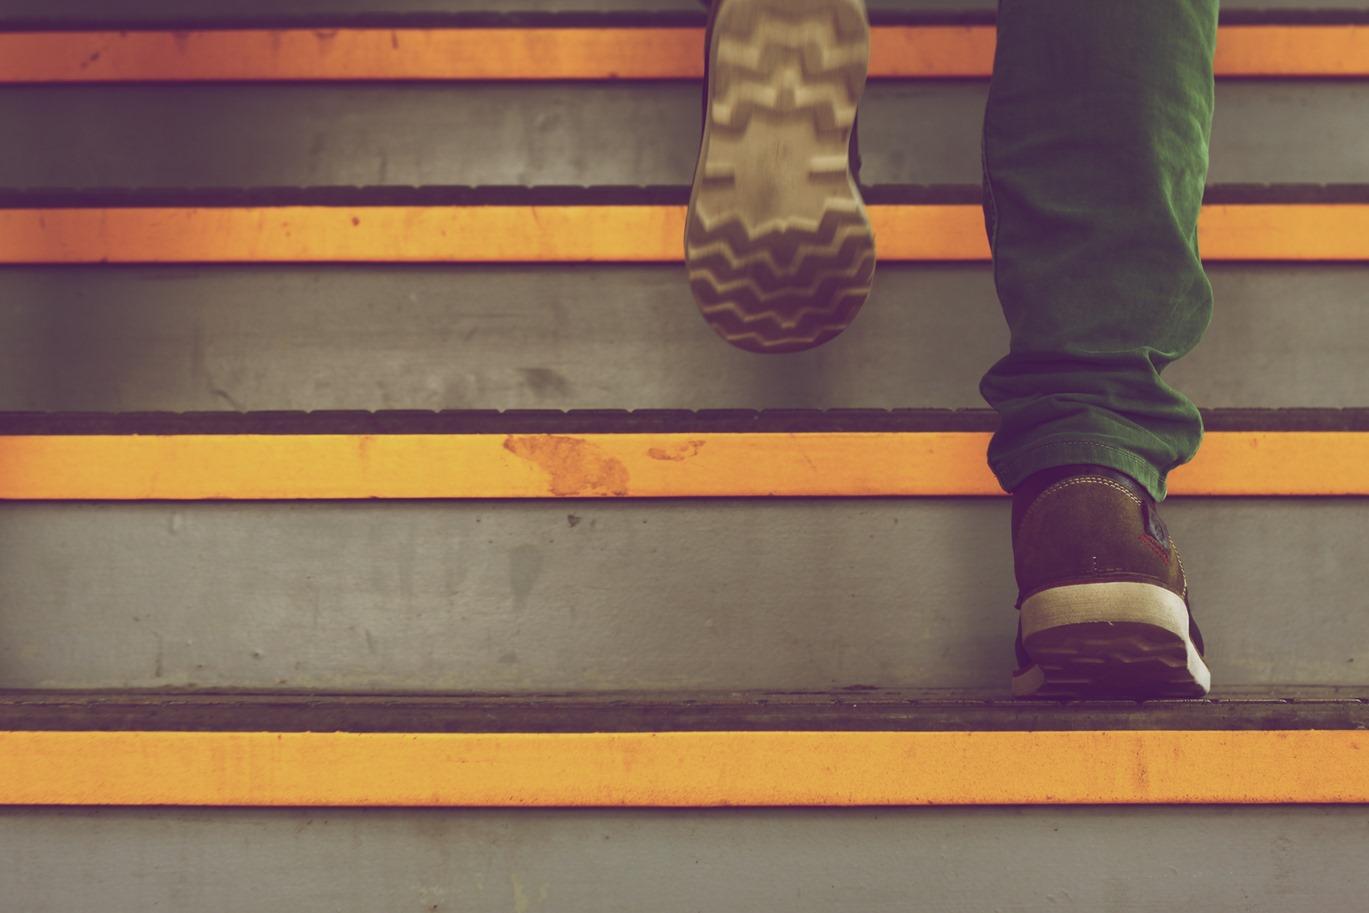 O Que Pode Estar Atrapalhando o Desenvolvimento de Seu Potencial?